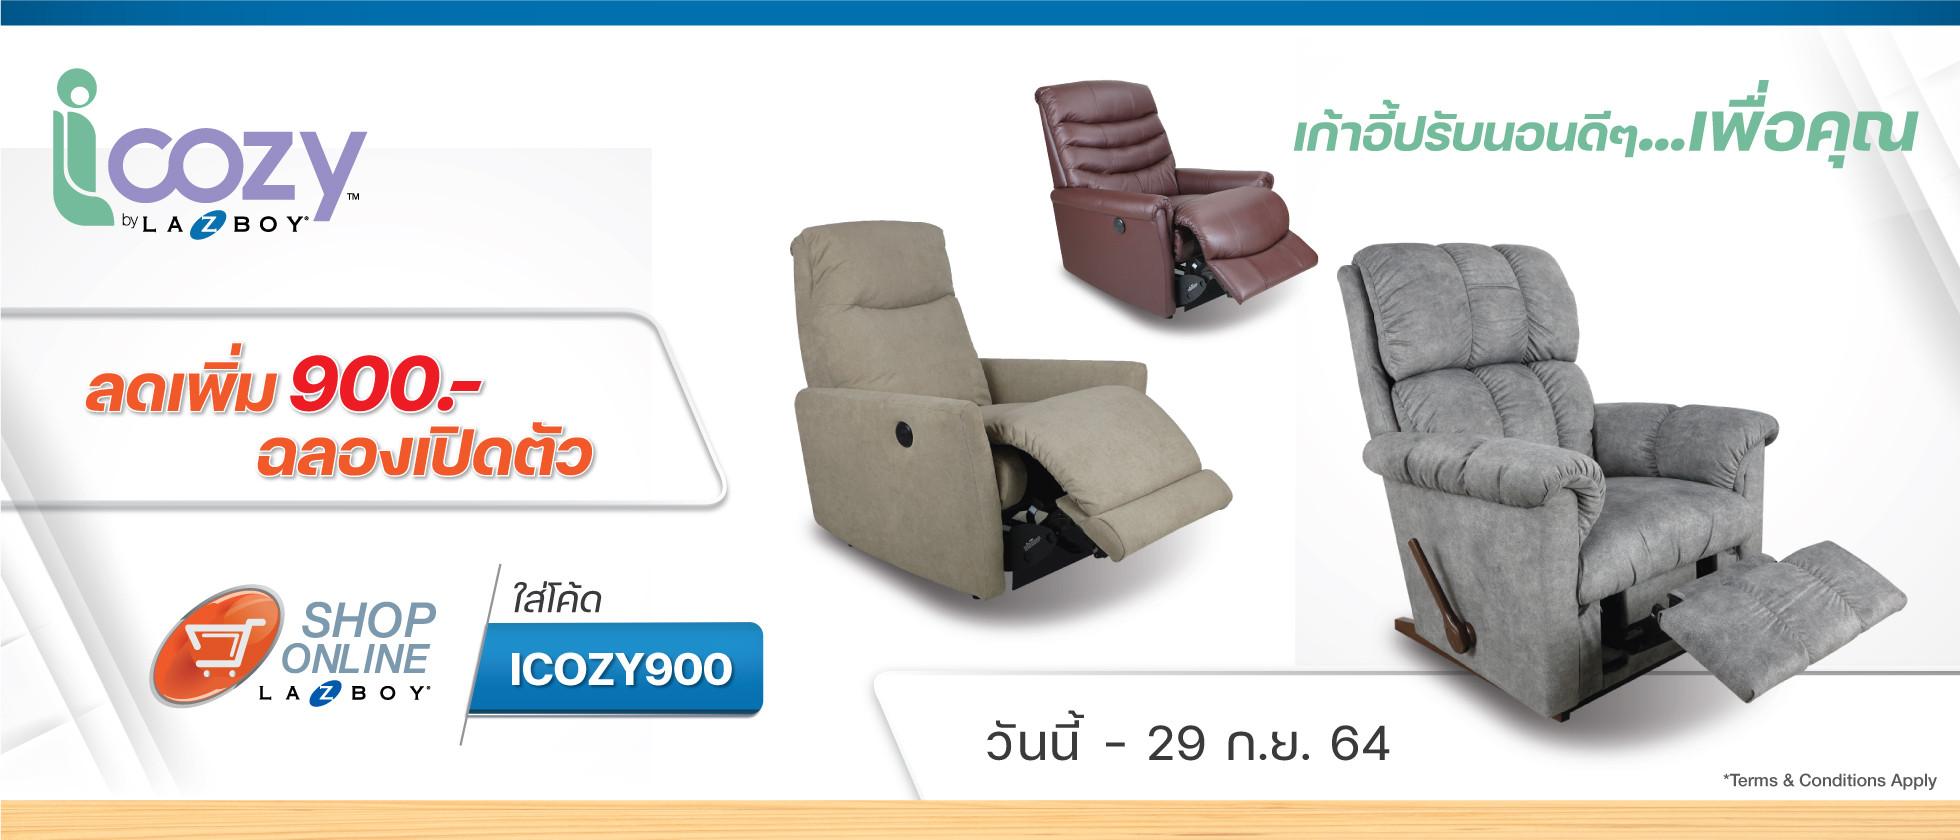 iCozy Shop Online